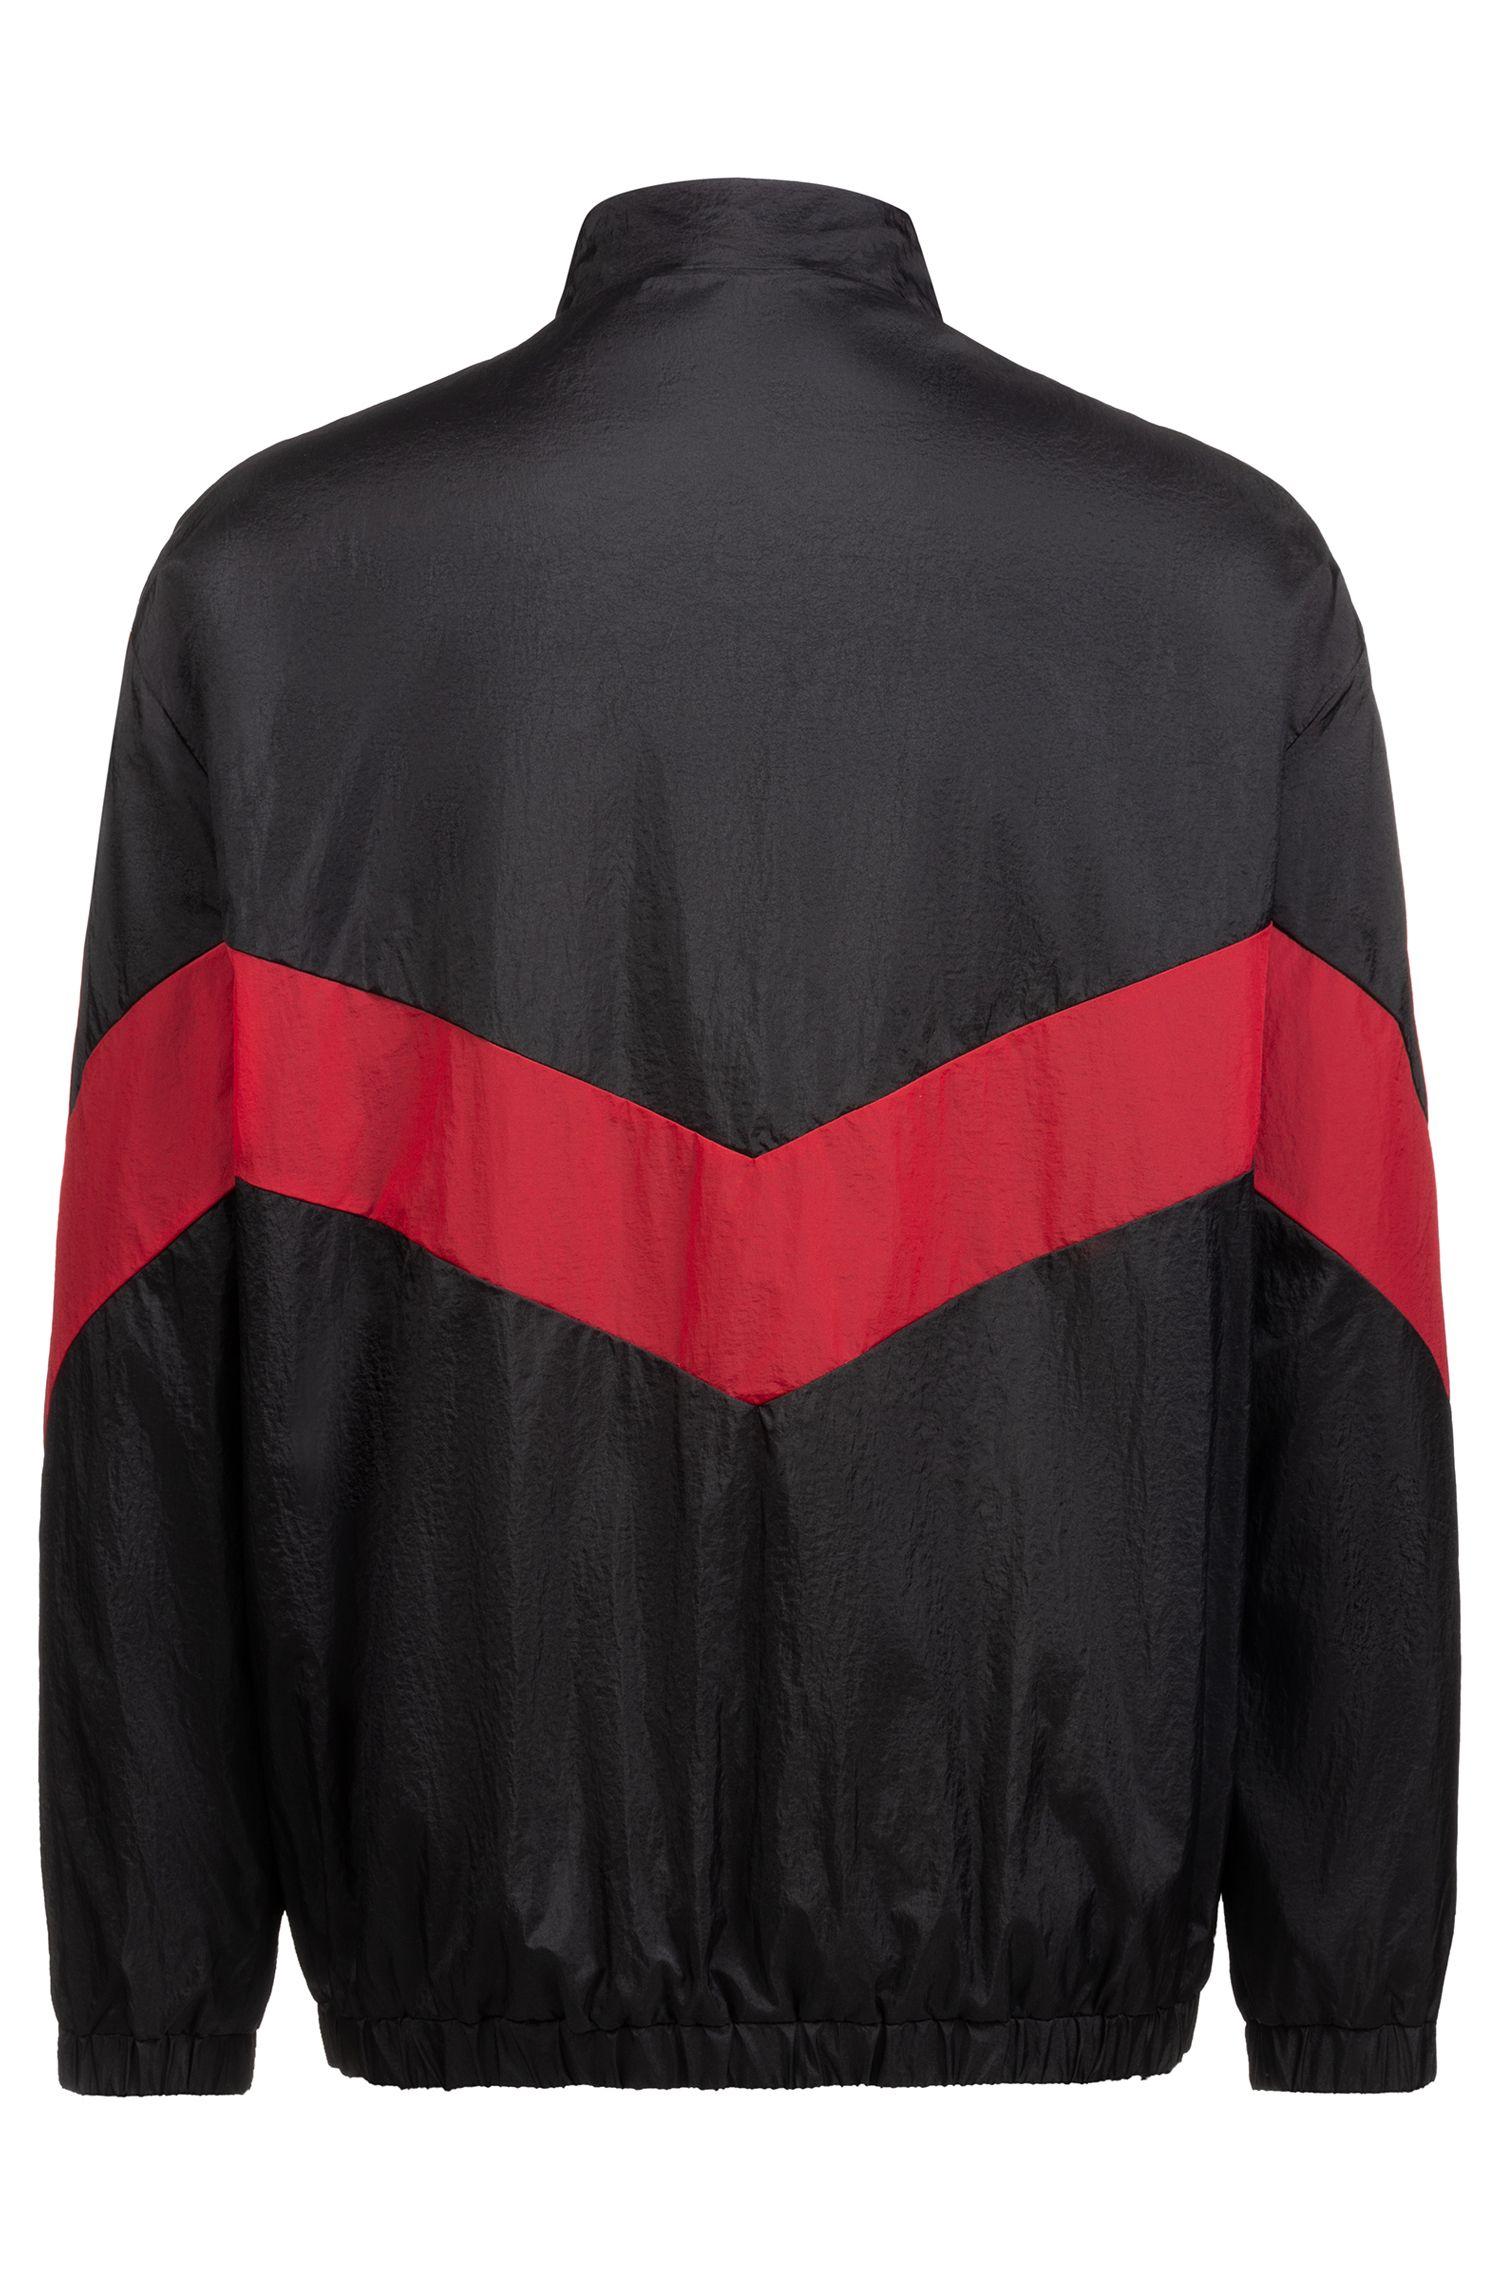 Relaxed-Fit Sweatshirt in Knitter-Optik mit Reißverschluss, Schwarz